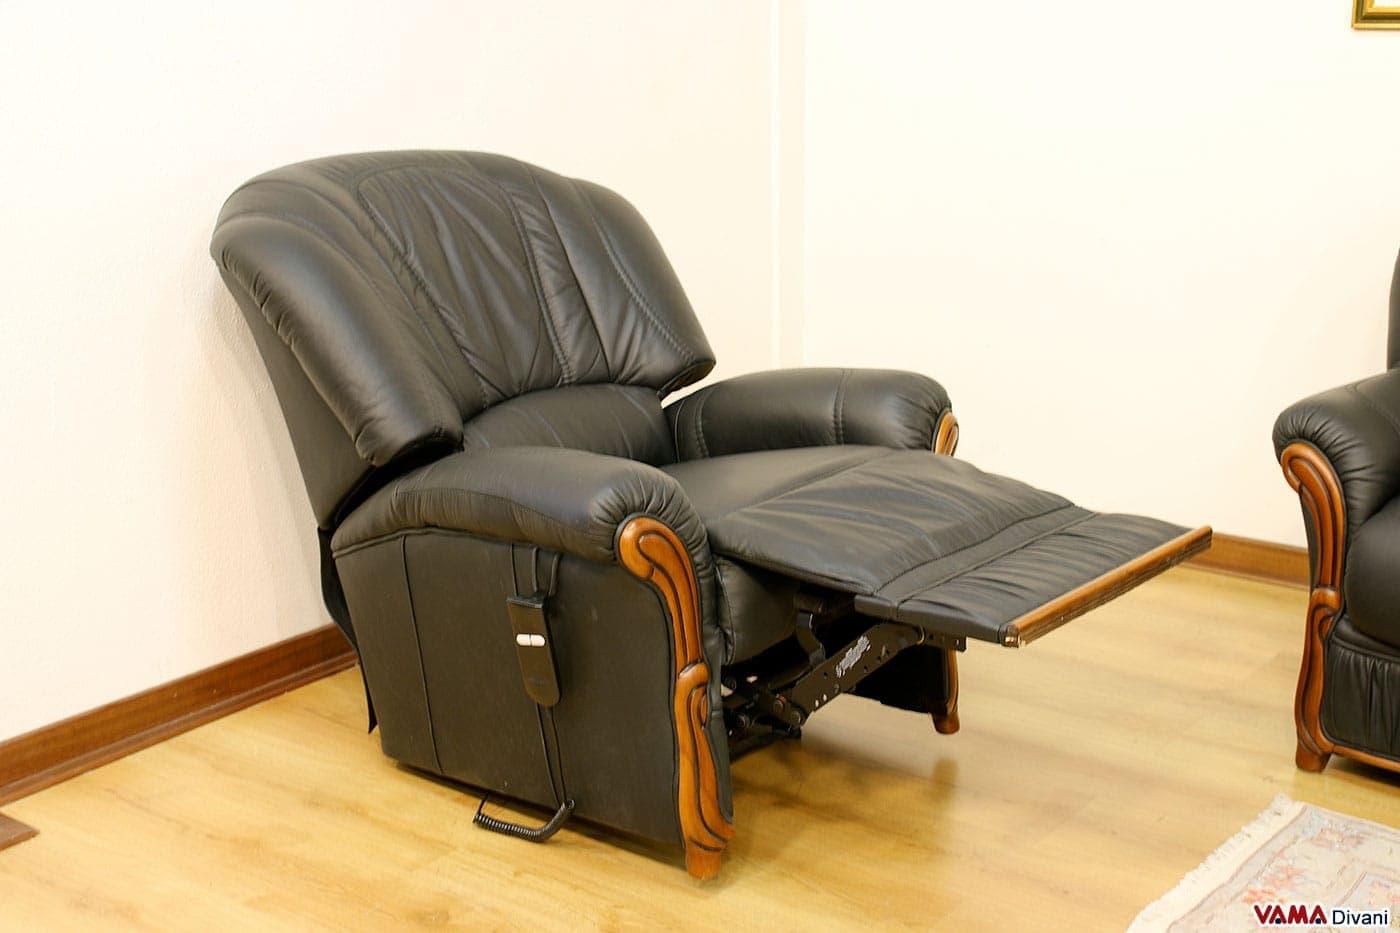 Schema Elettrico Poltrona Relax : Divani e posti con poltrona relax elettrica in pelle